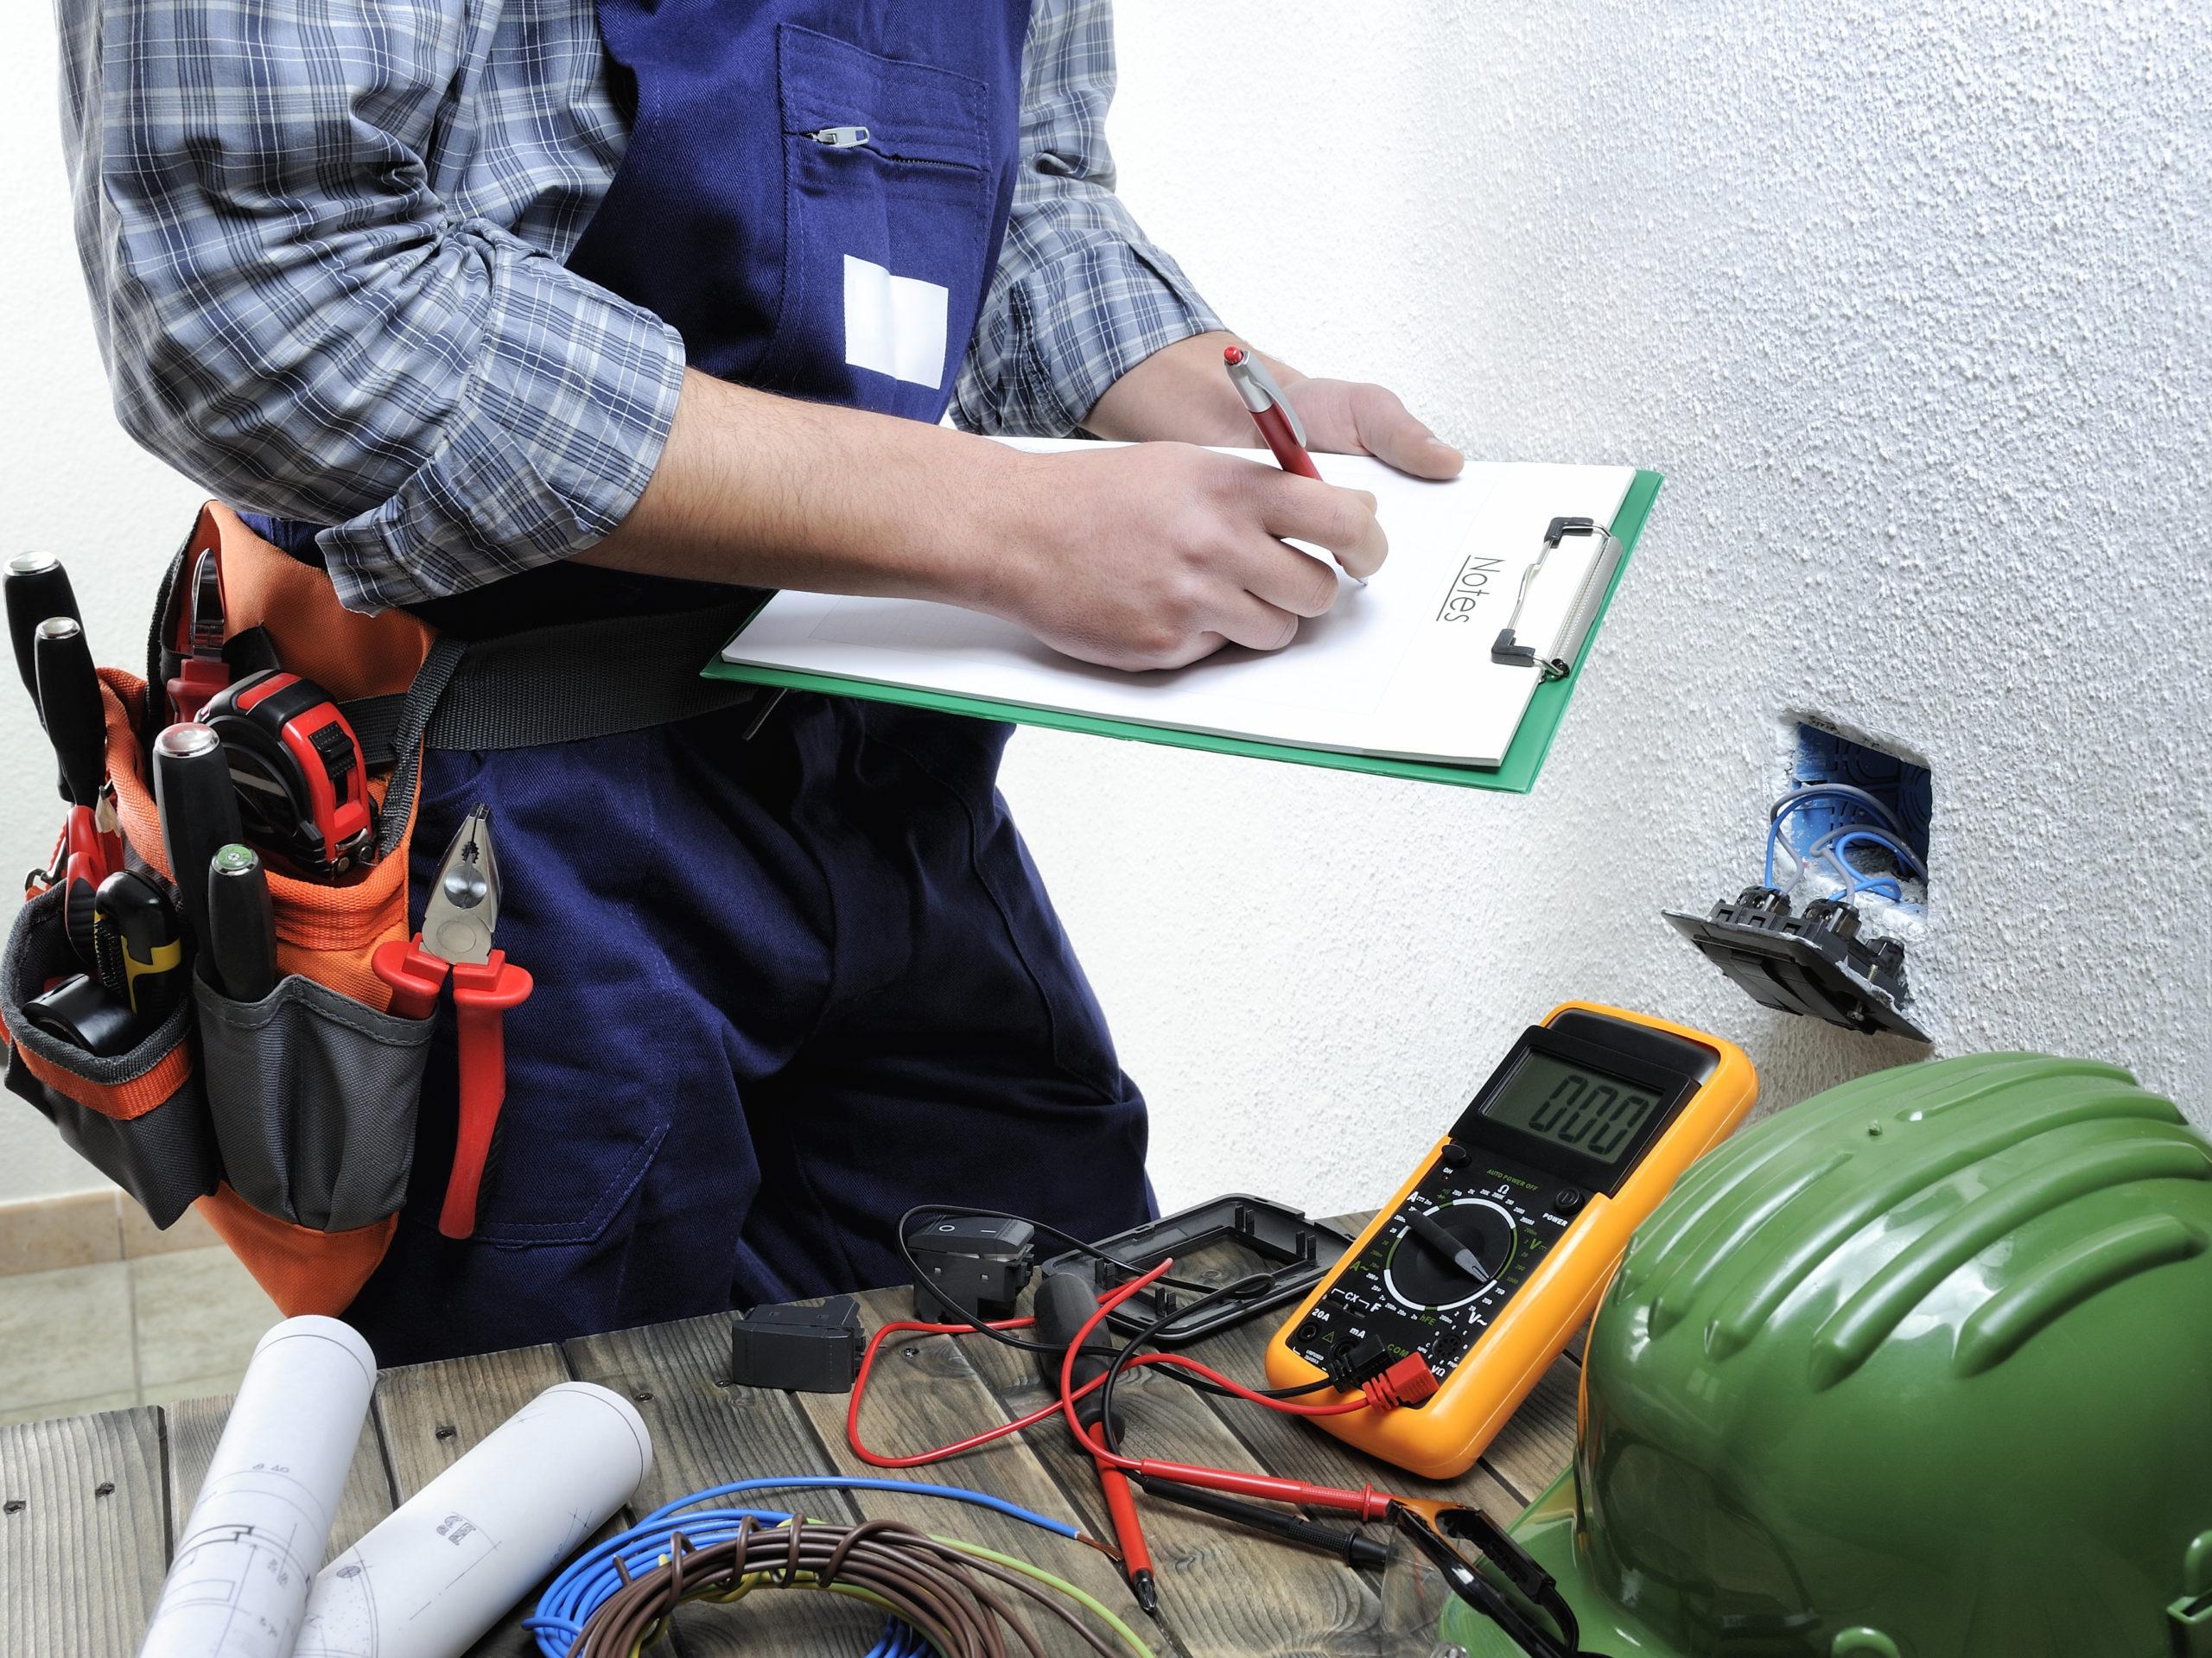 Un électricien s'occupant d'une prise électrique